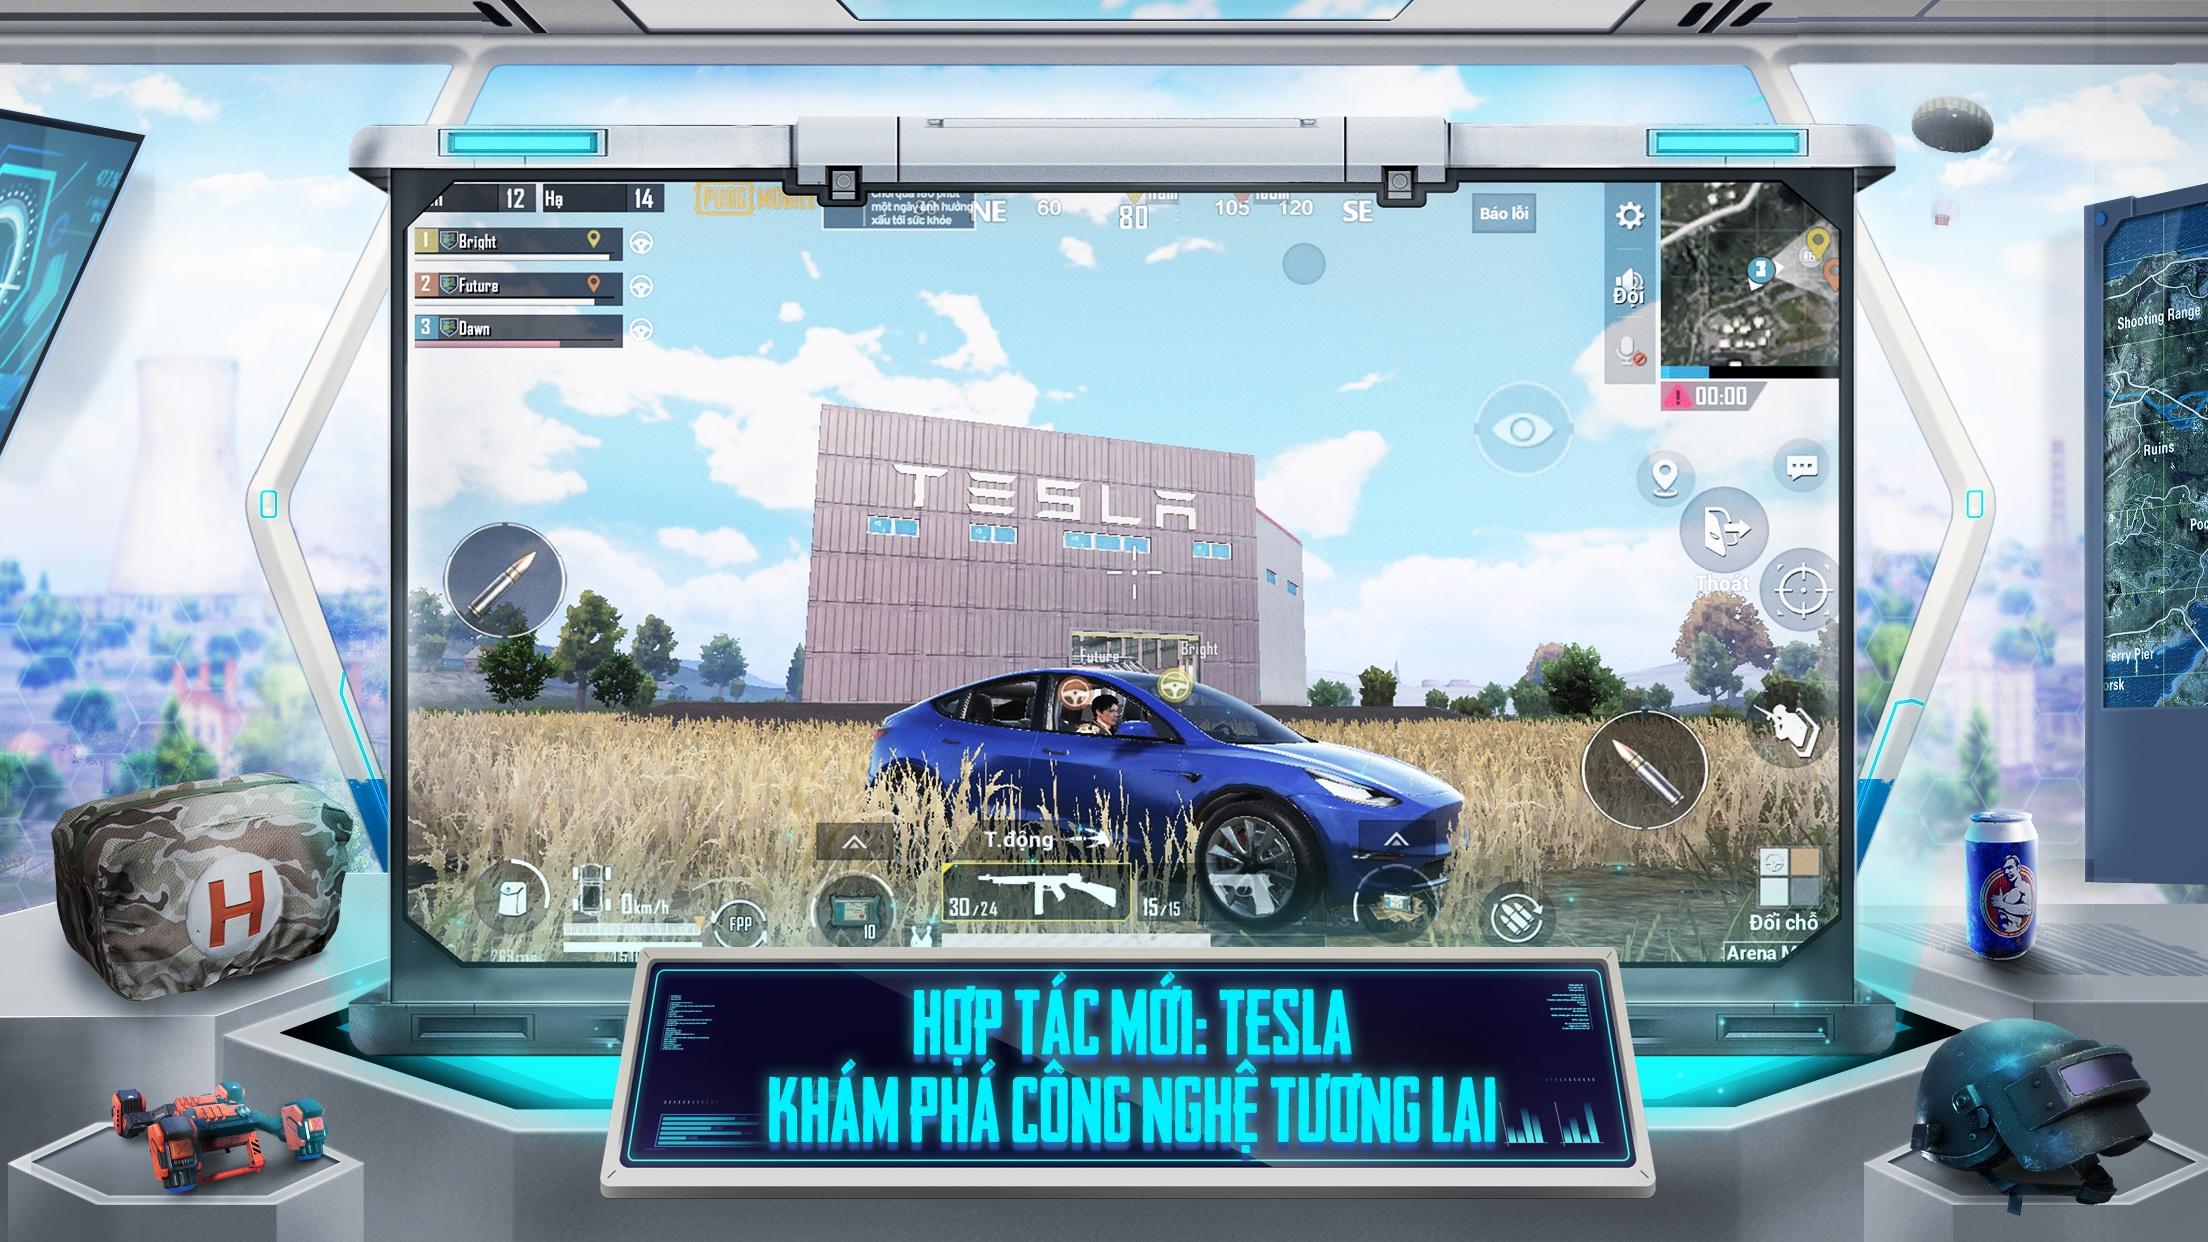 PUBG Mobile cập nhật bản 1.5, đưa xe điện Tesla vào game